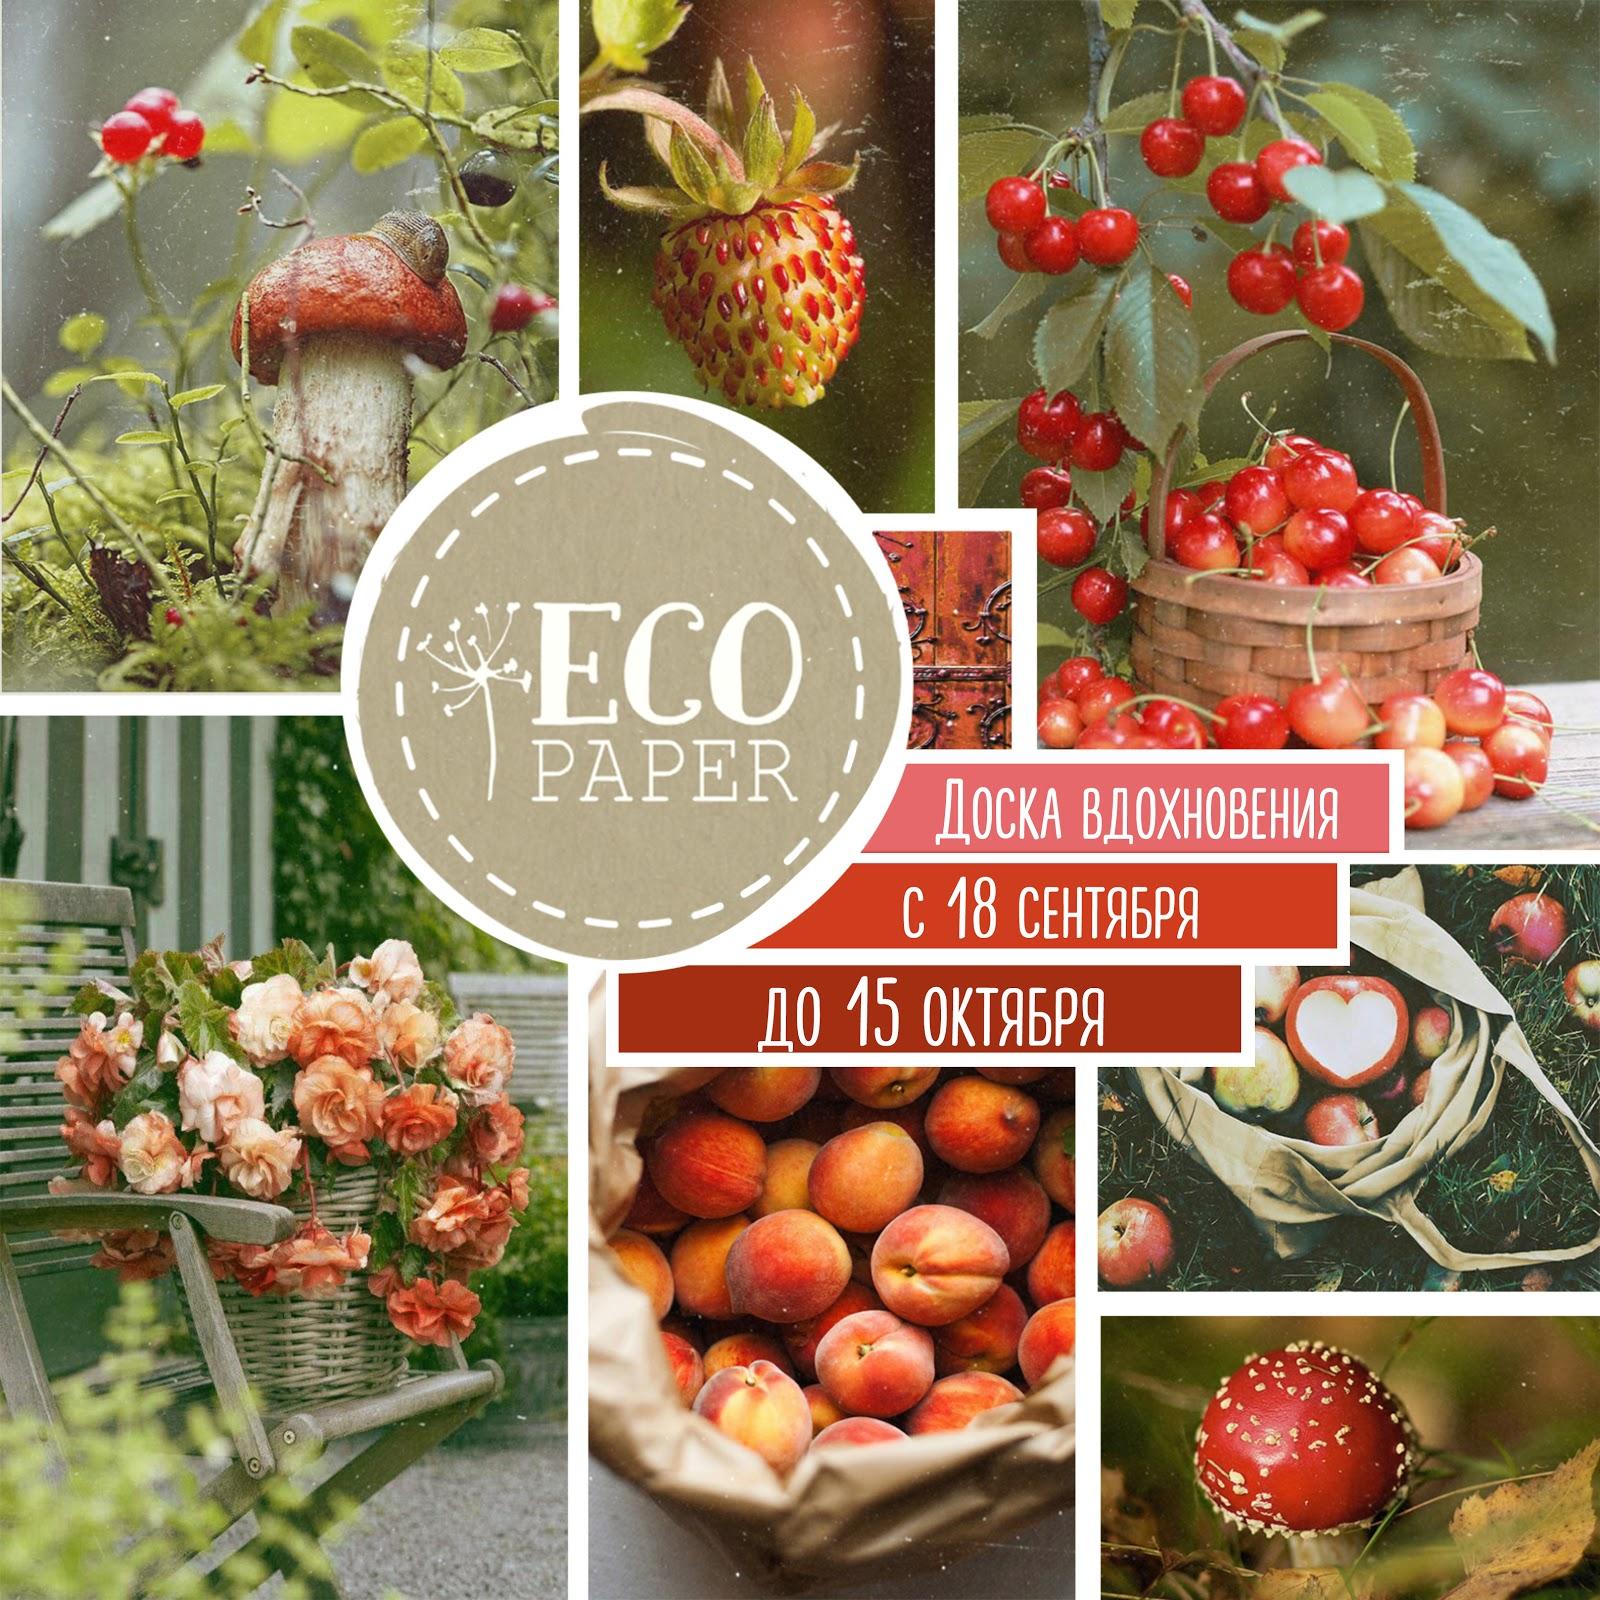 ДОСКА ВДОХНОВЕНИЯ от Eco Paper до 15 октября